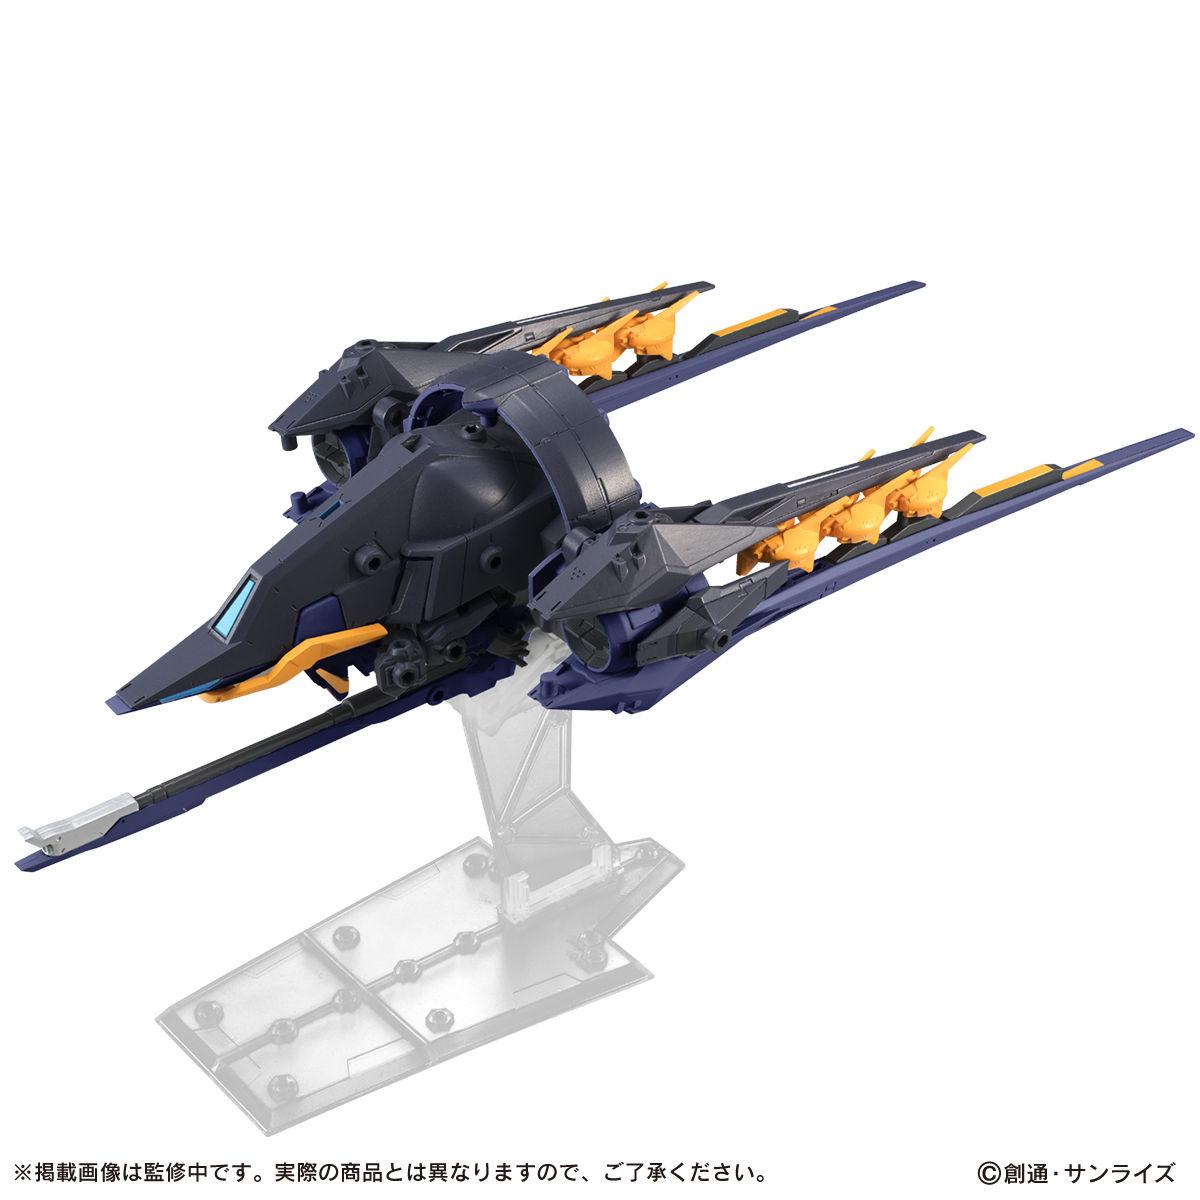 【限定販売】MOBILE SUIT ENSEMBLE『EX22 TR-6 インレ(ティターンズカラー)』デフォルメ可動フィギュア-008